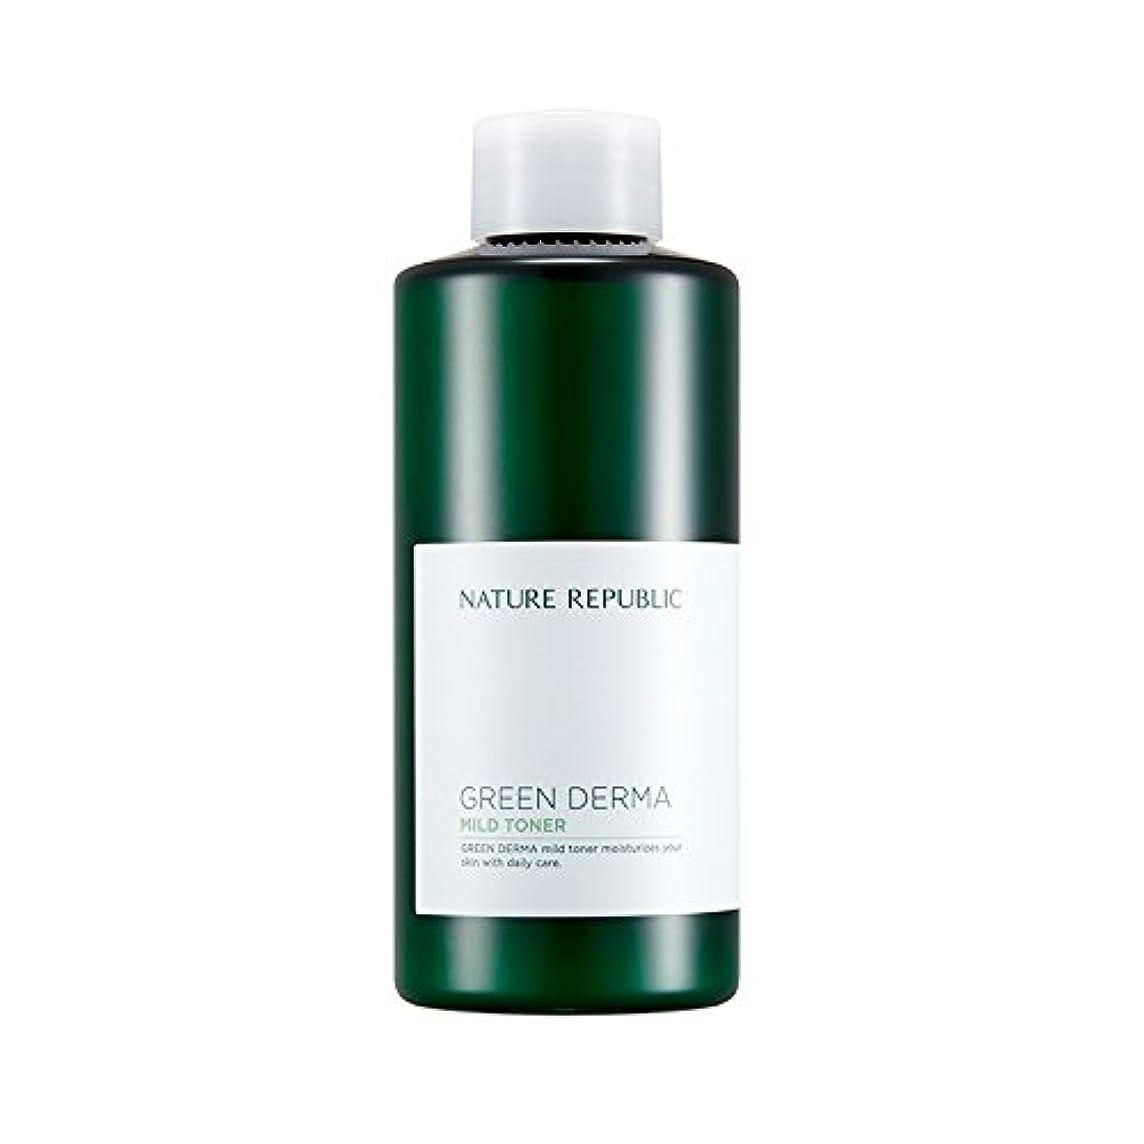 もっと少なく設置深いNATURE REPUBLIC Green Derma Mild Toner / ネイチャーリパブリック グリーンダーママイルドトナー 200ml [並行輸入品]